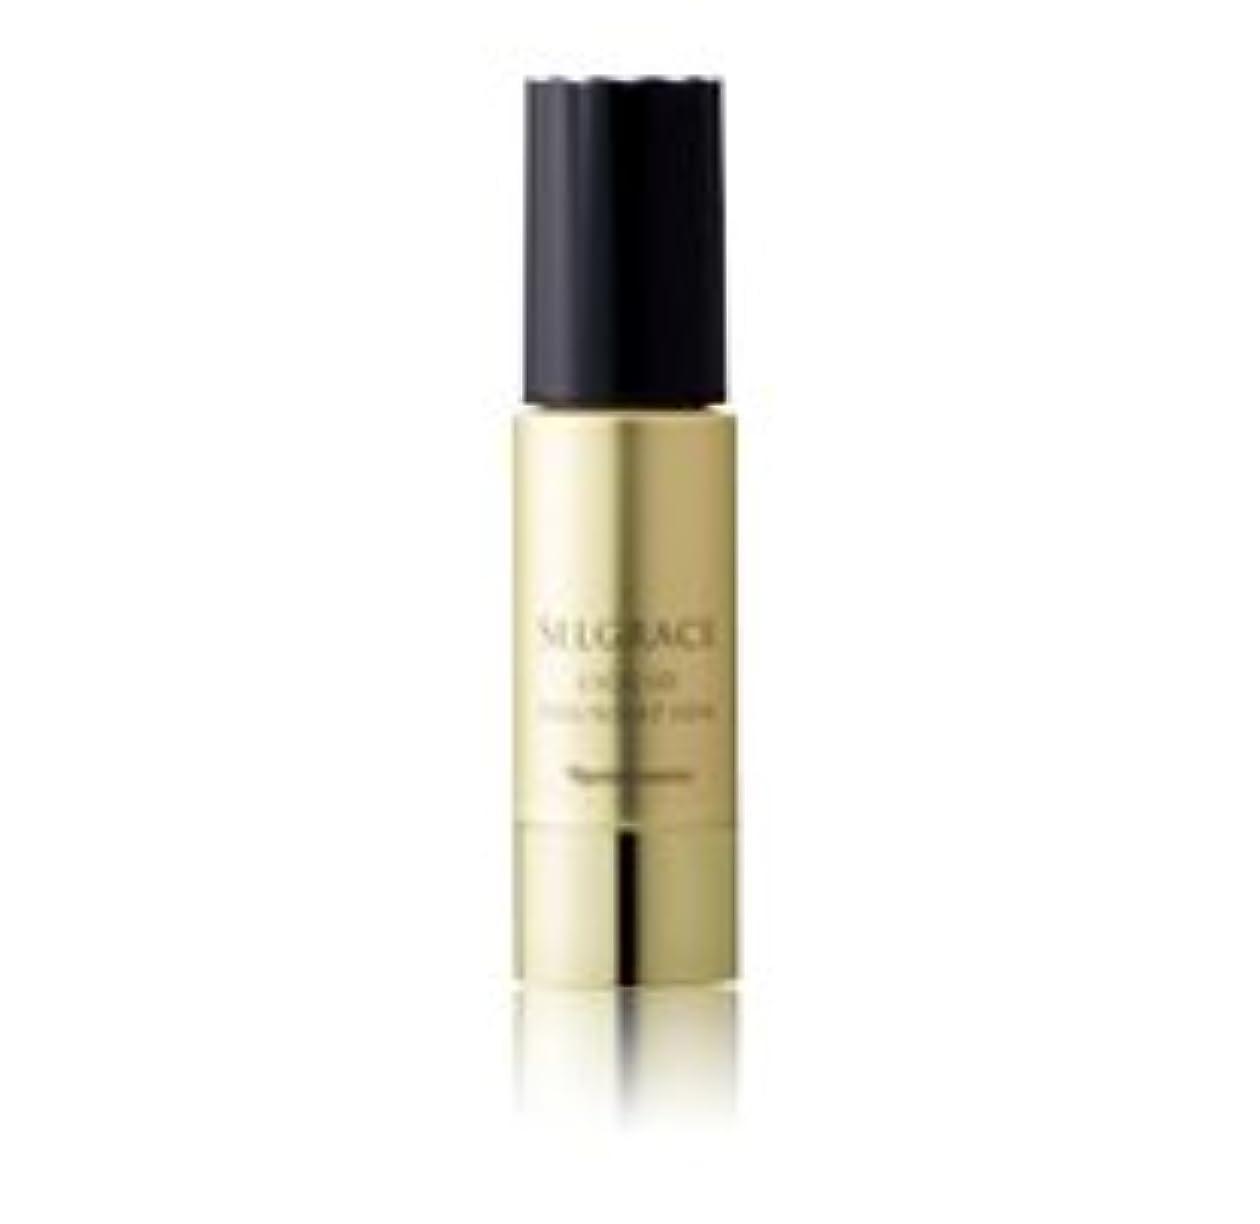 名誉あるローズ真似るナリス化粧品セルグレース リキッドファンデーション30mL[SPF30 PA++]150